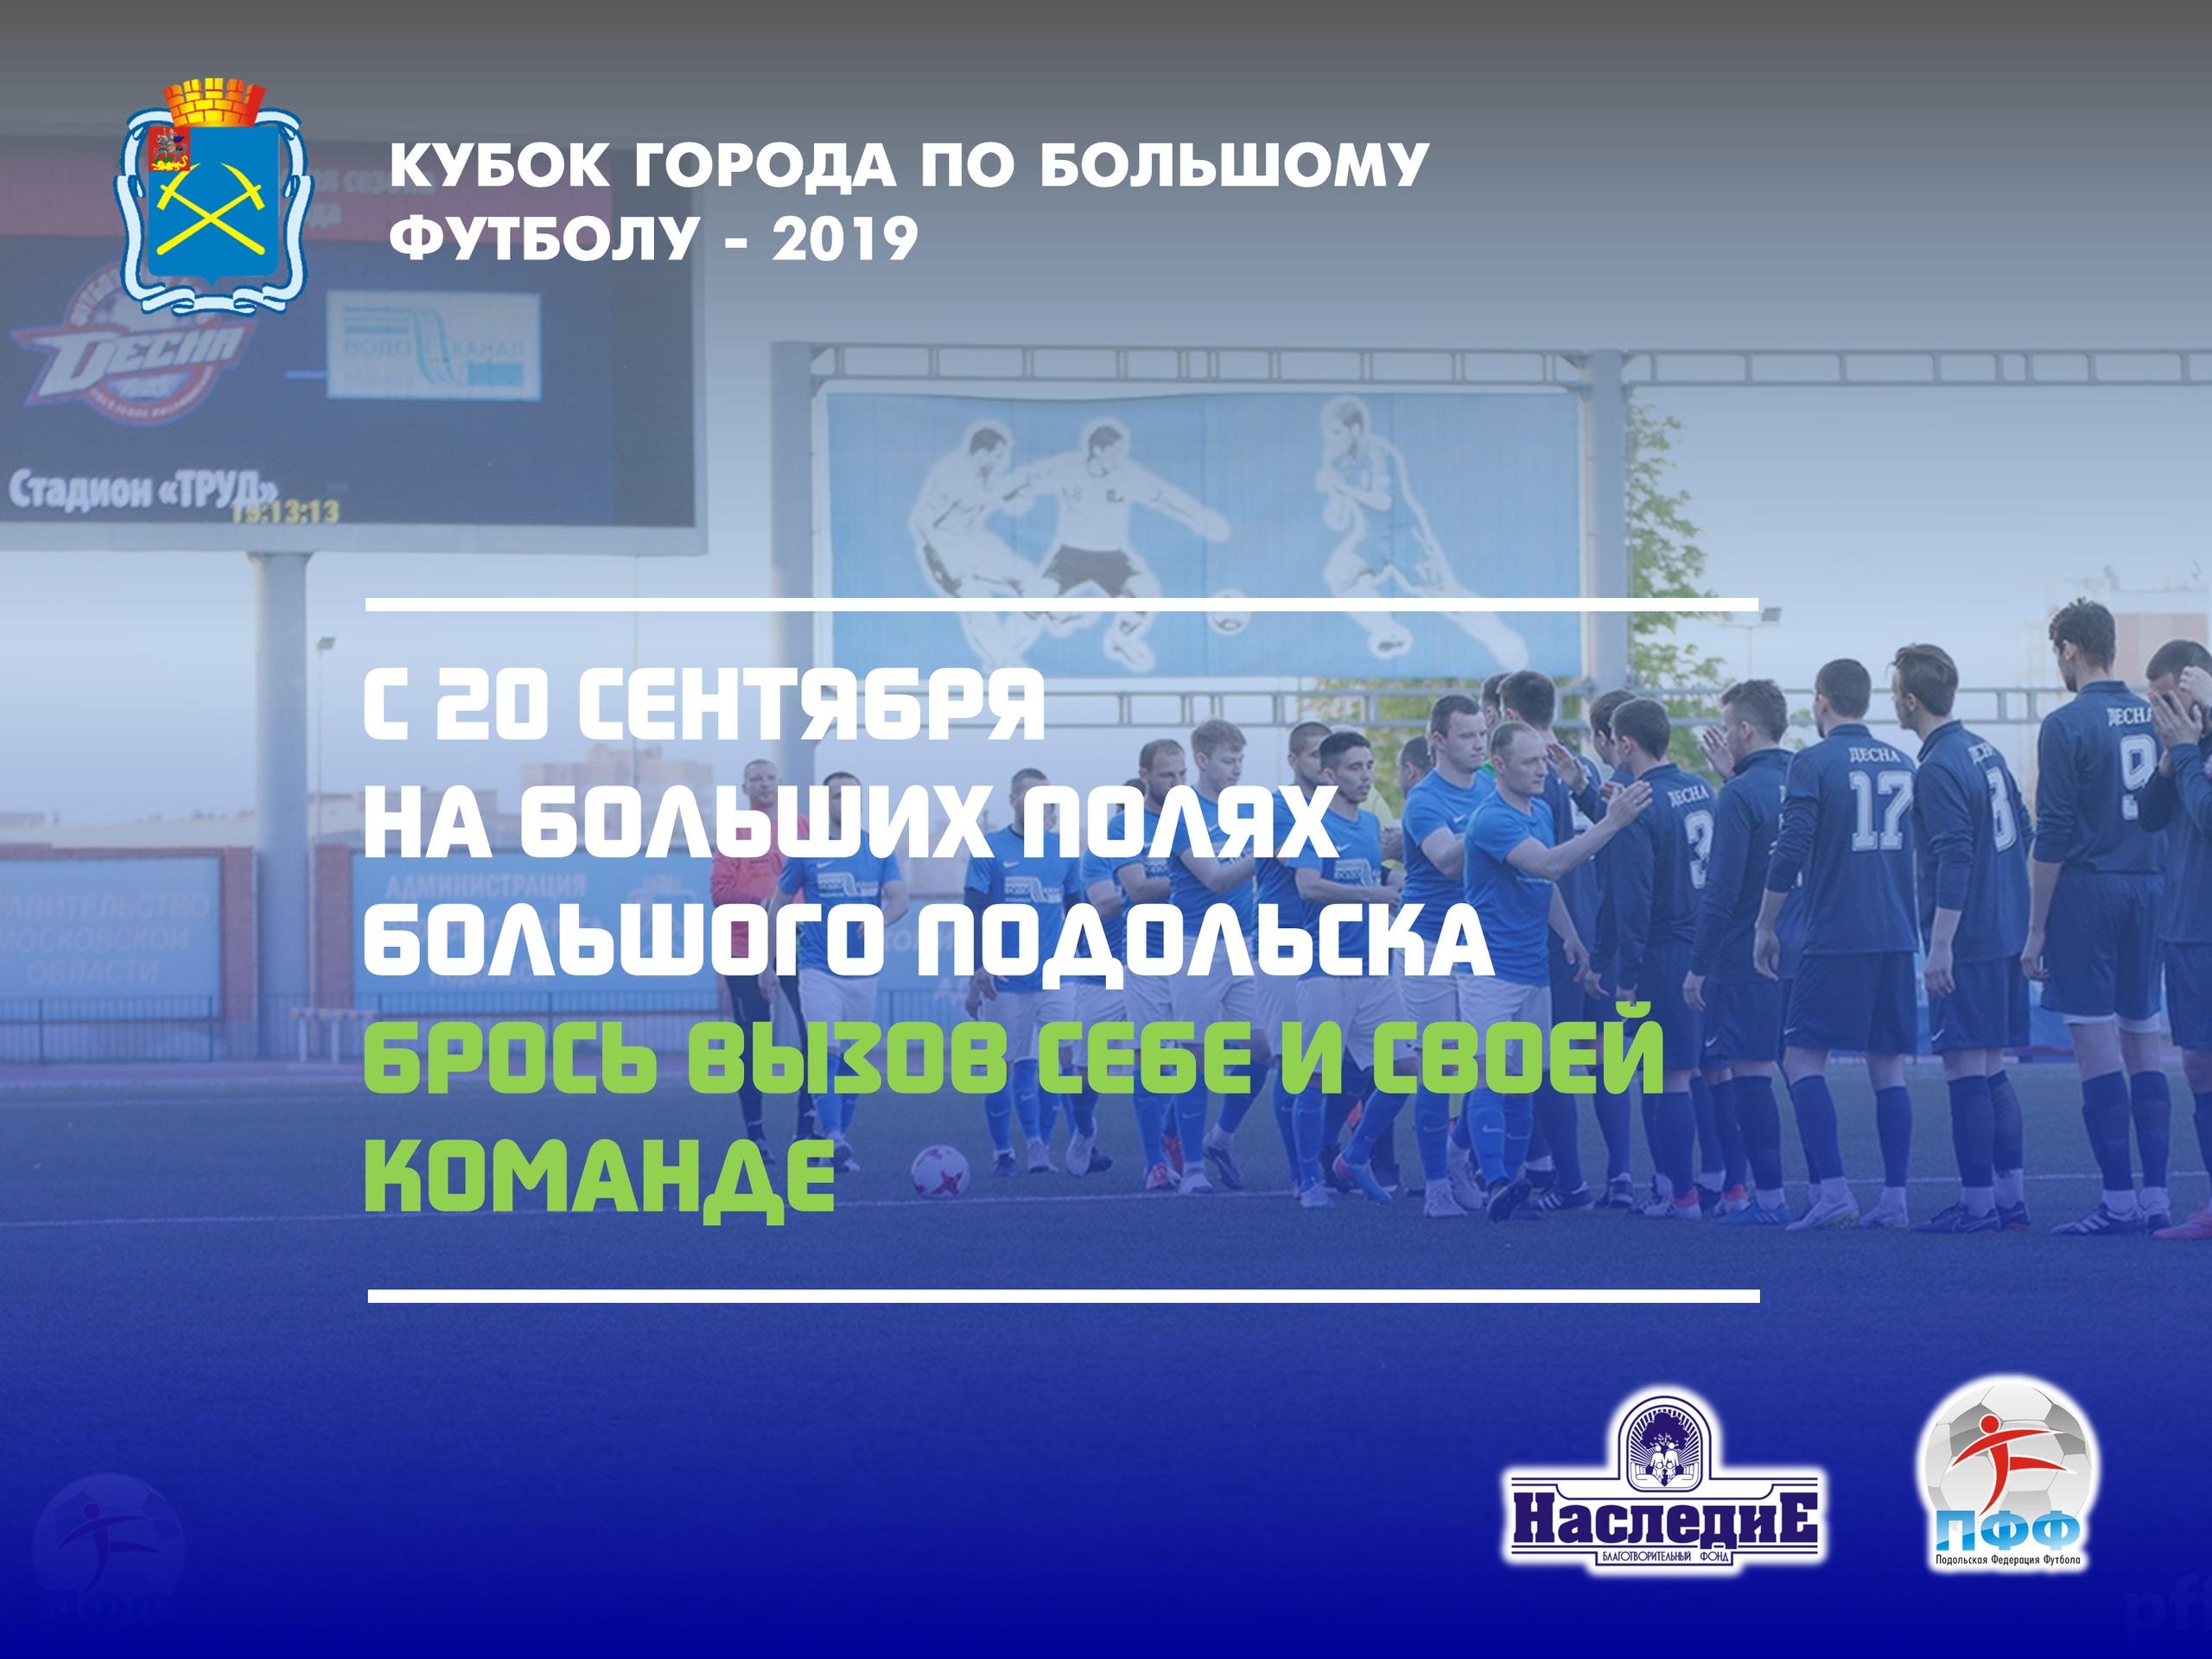 Жеребьевка Кубка города состоится 27 сентября